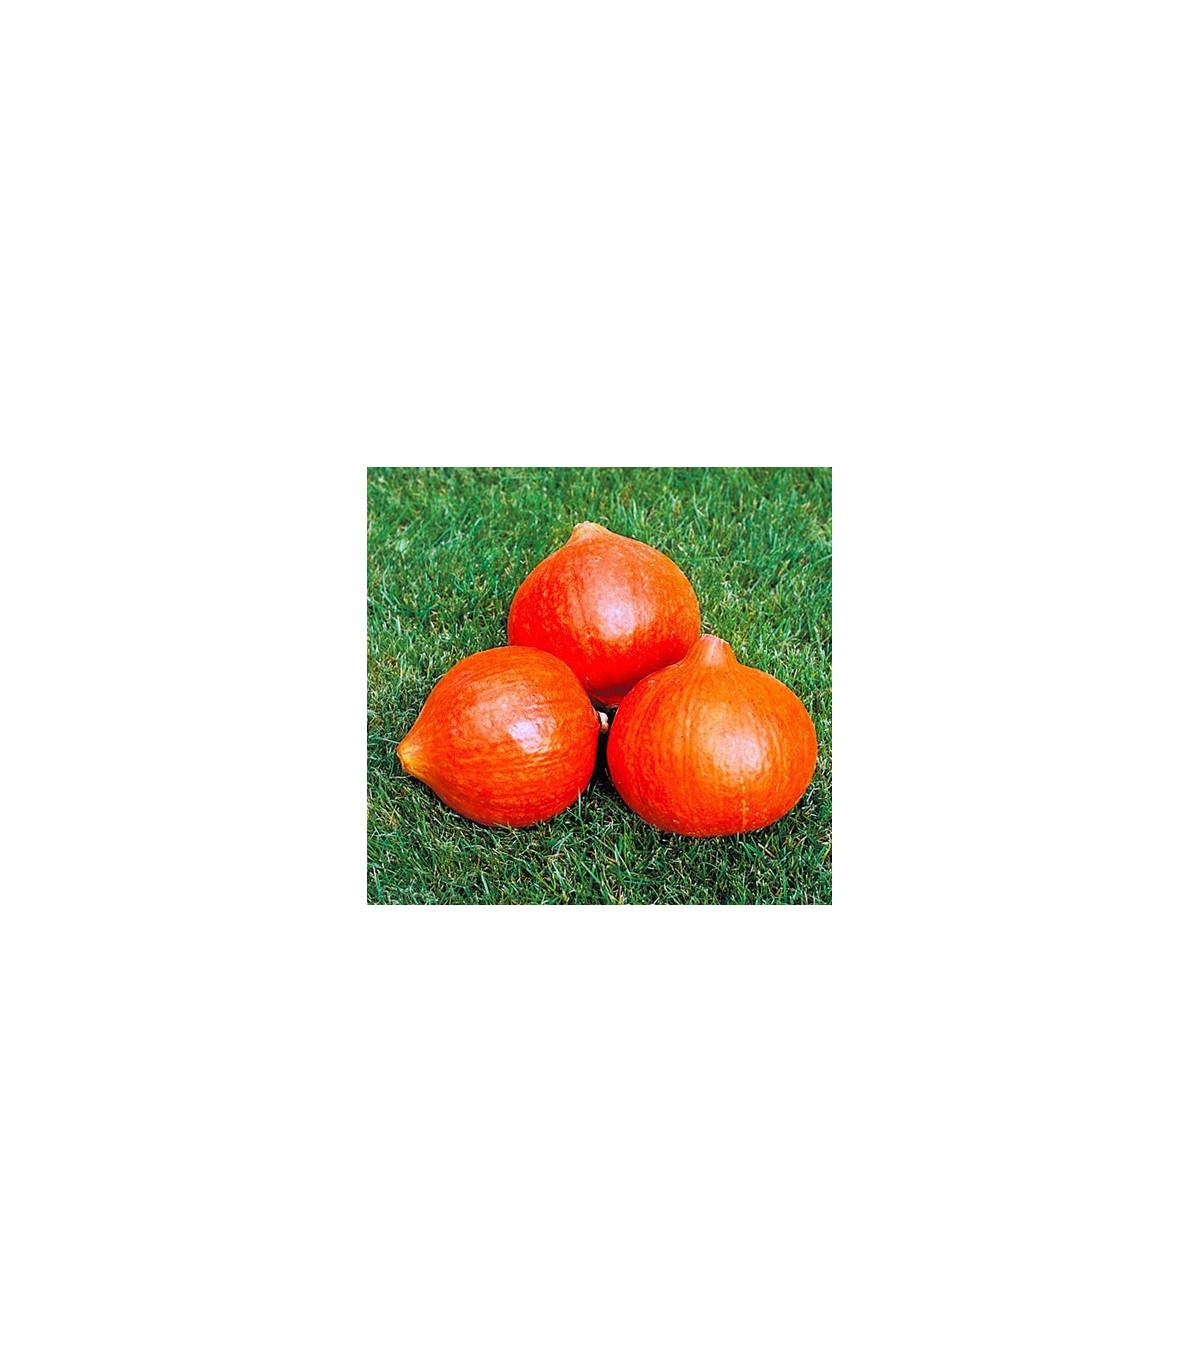 Dýně Uchiki Kuri - semena Dýně - koupit semena tykve - 5 ks